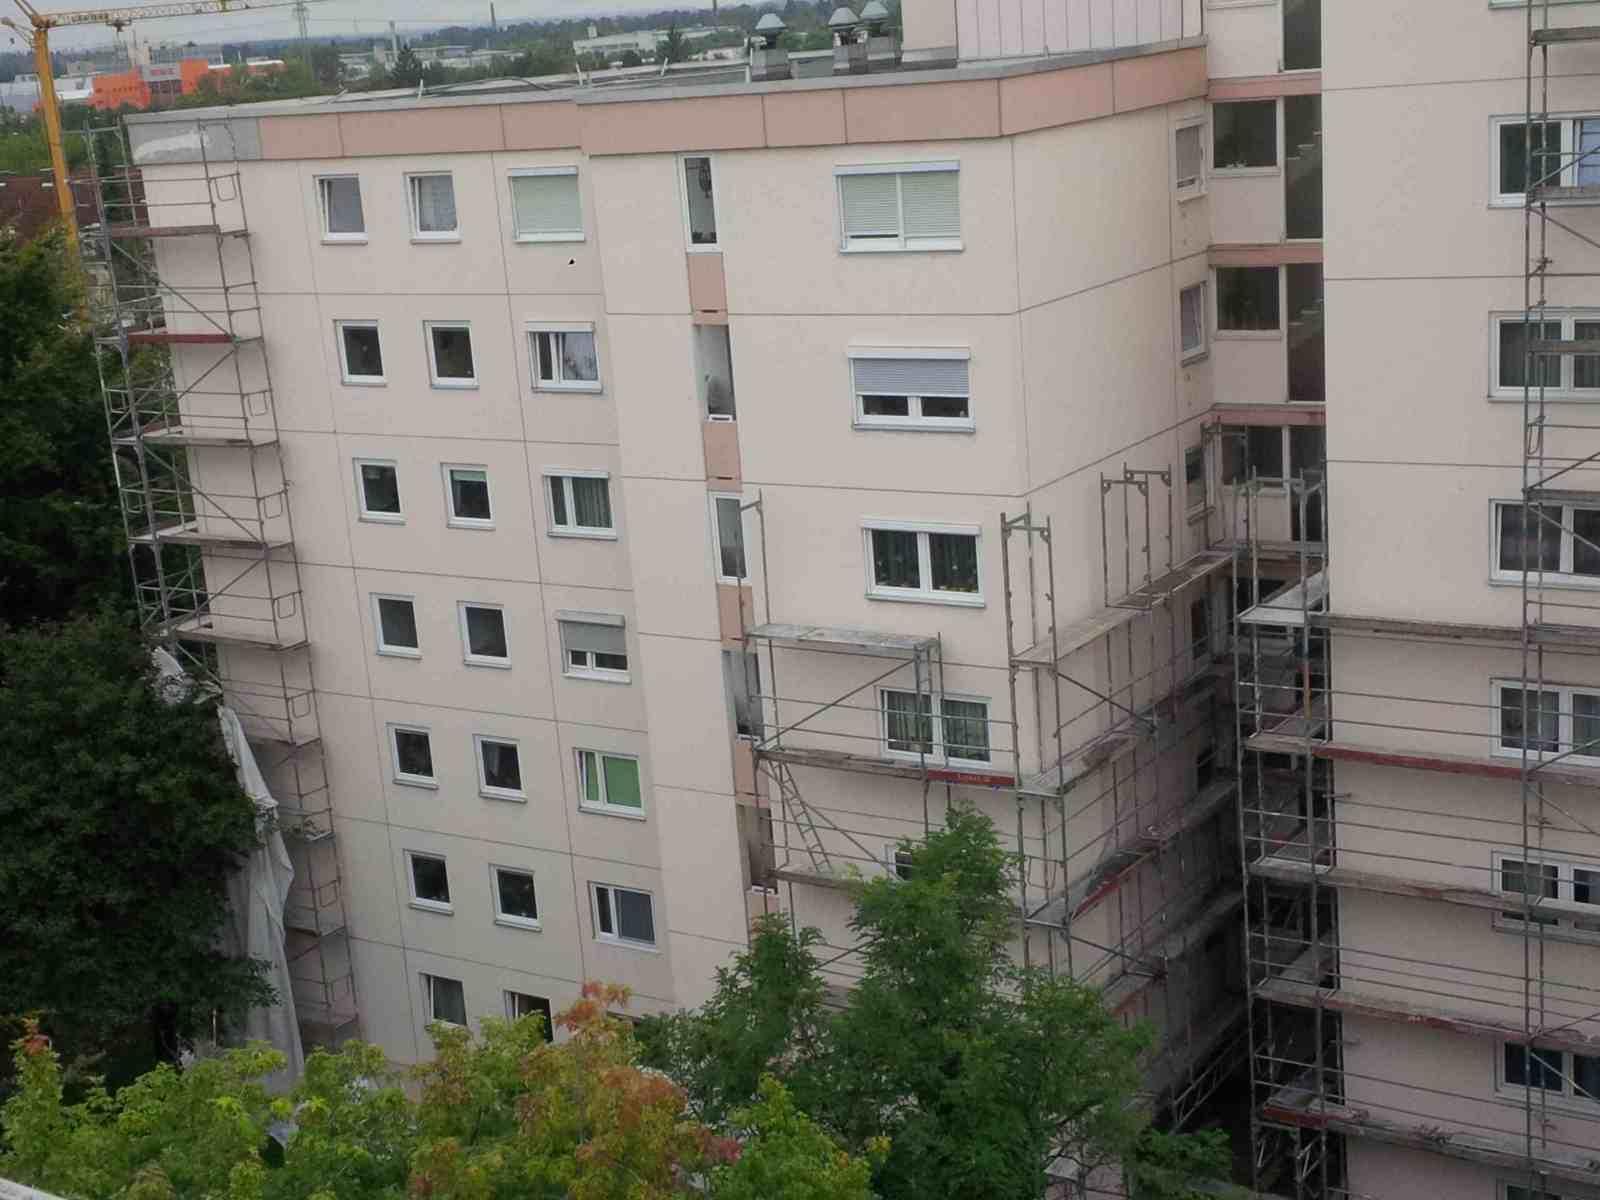 Fassaden-Betoninstandsetzung-Muenchen-22